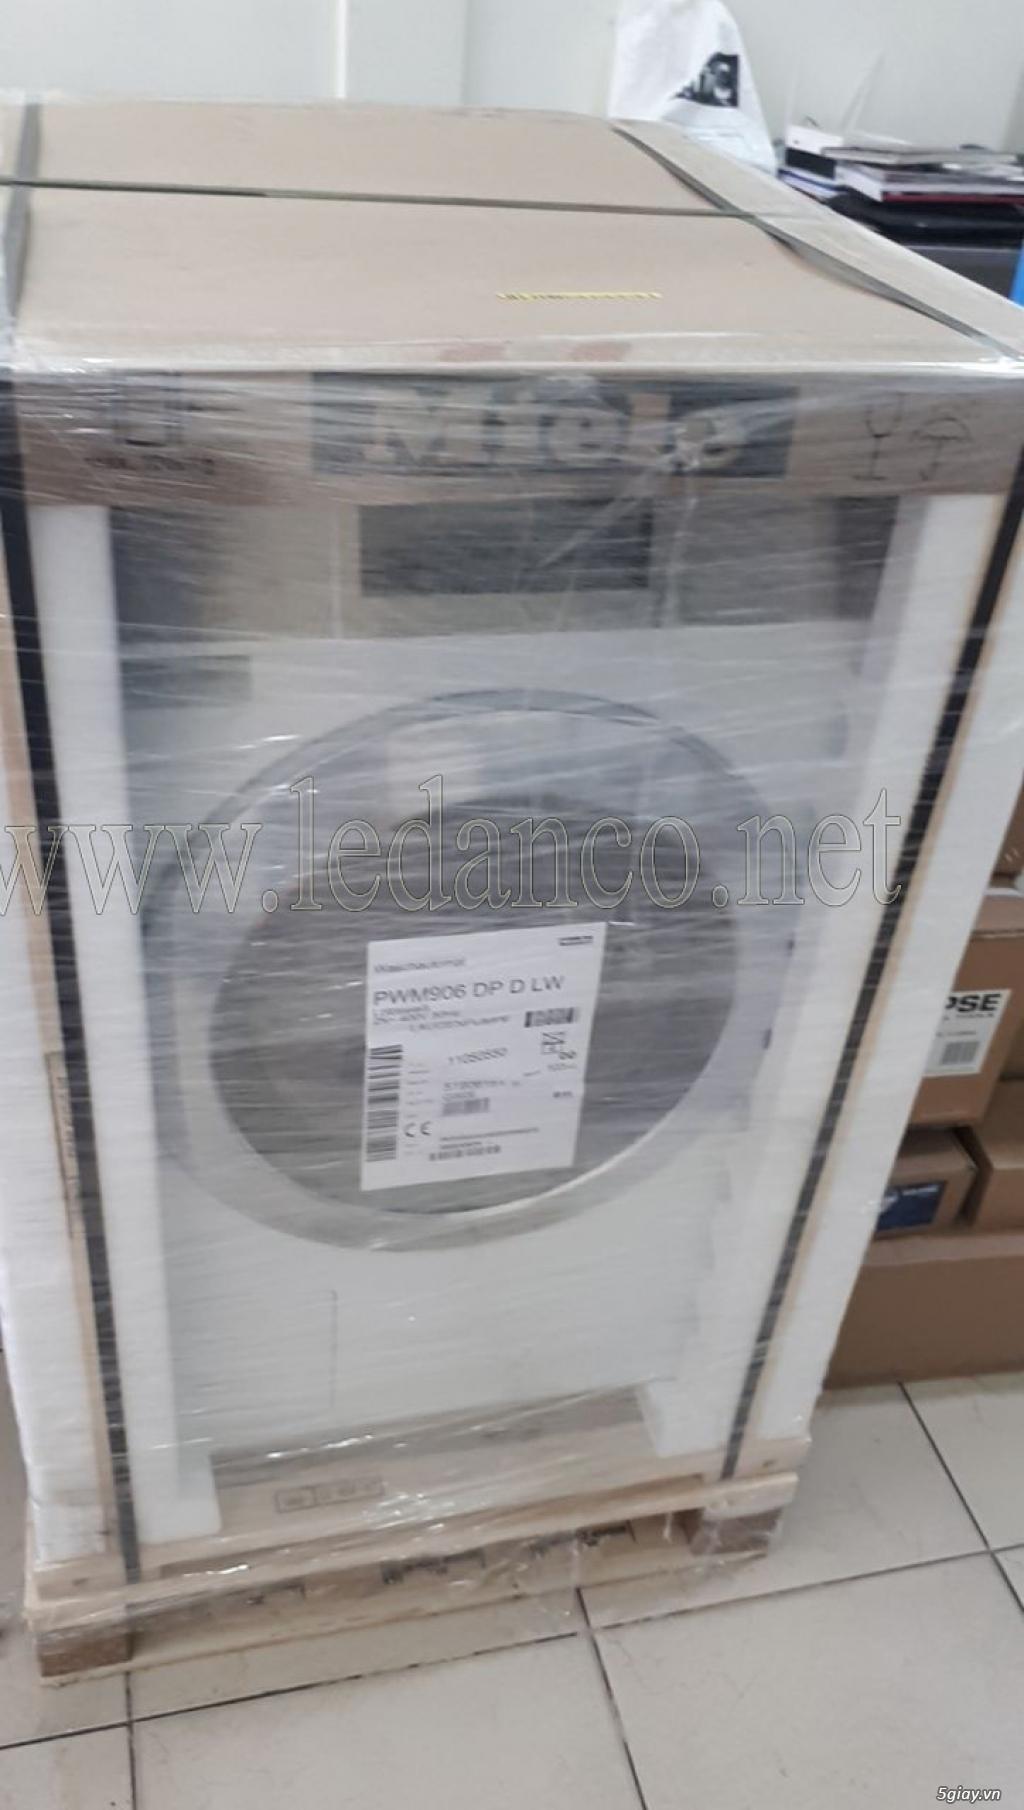 Máy giặt Miele PWM 906 chính hãng, giấy hiệu chuẩn và CO/CQ - 1